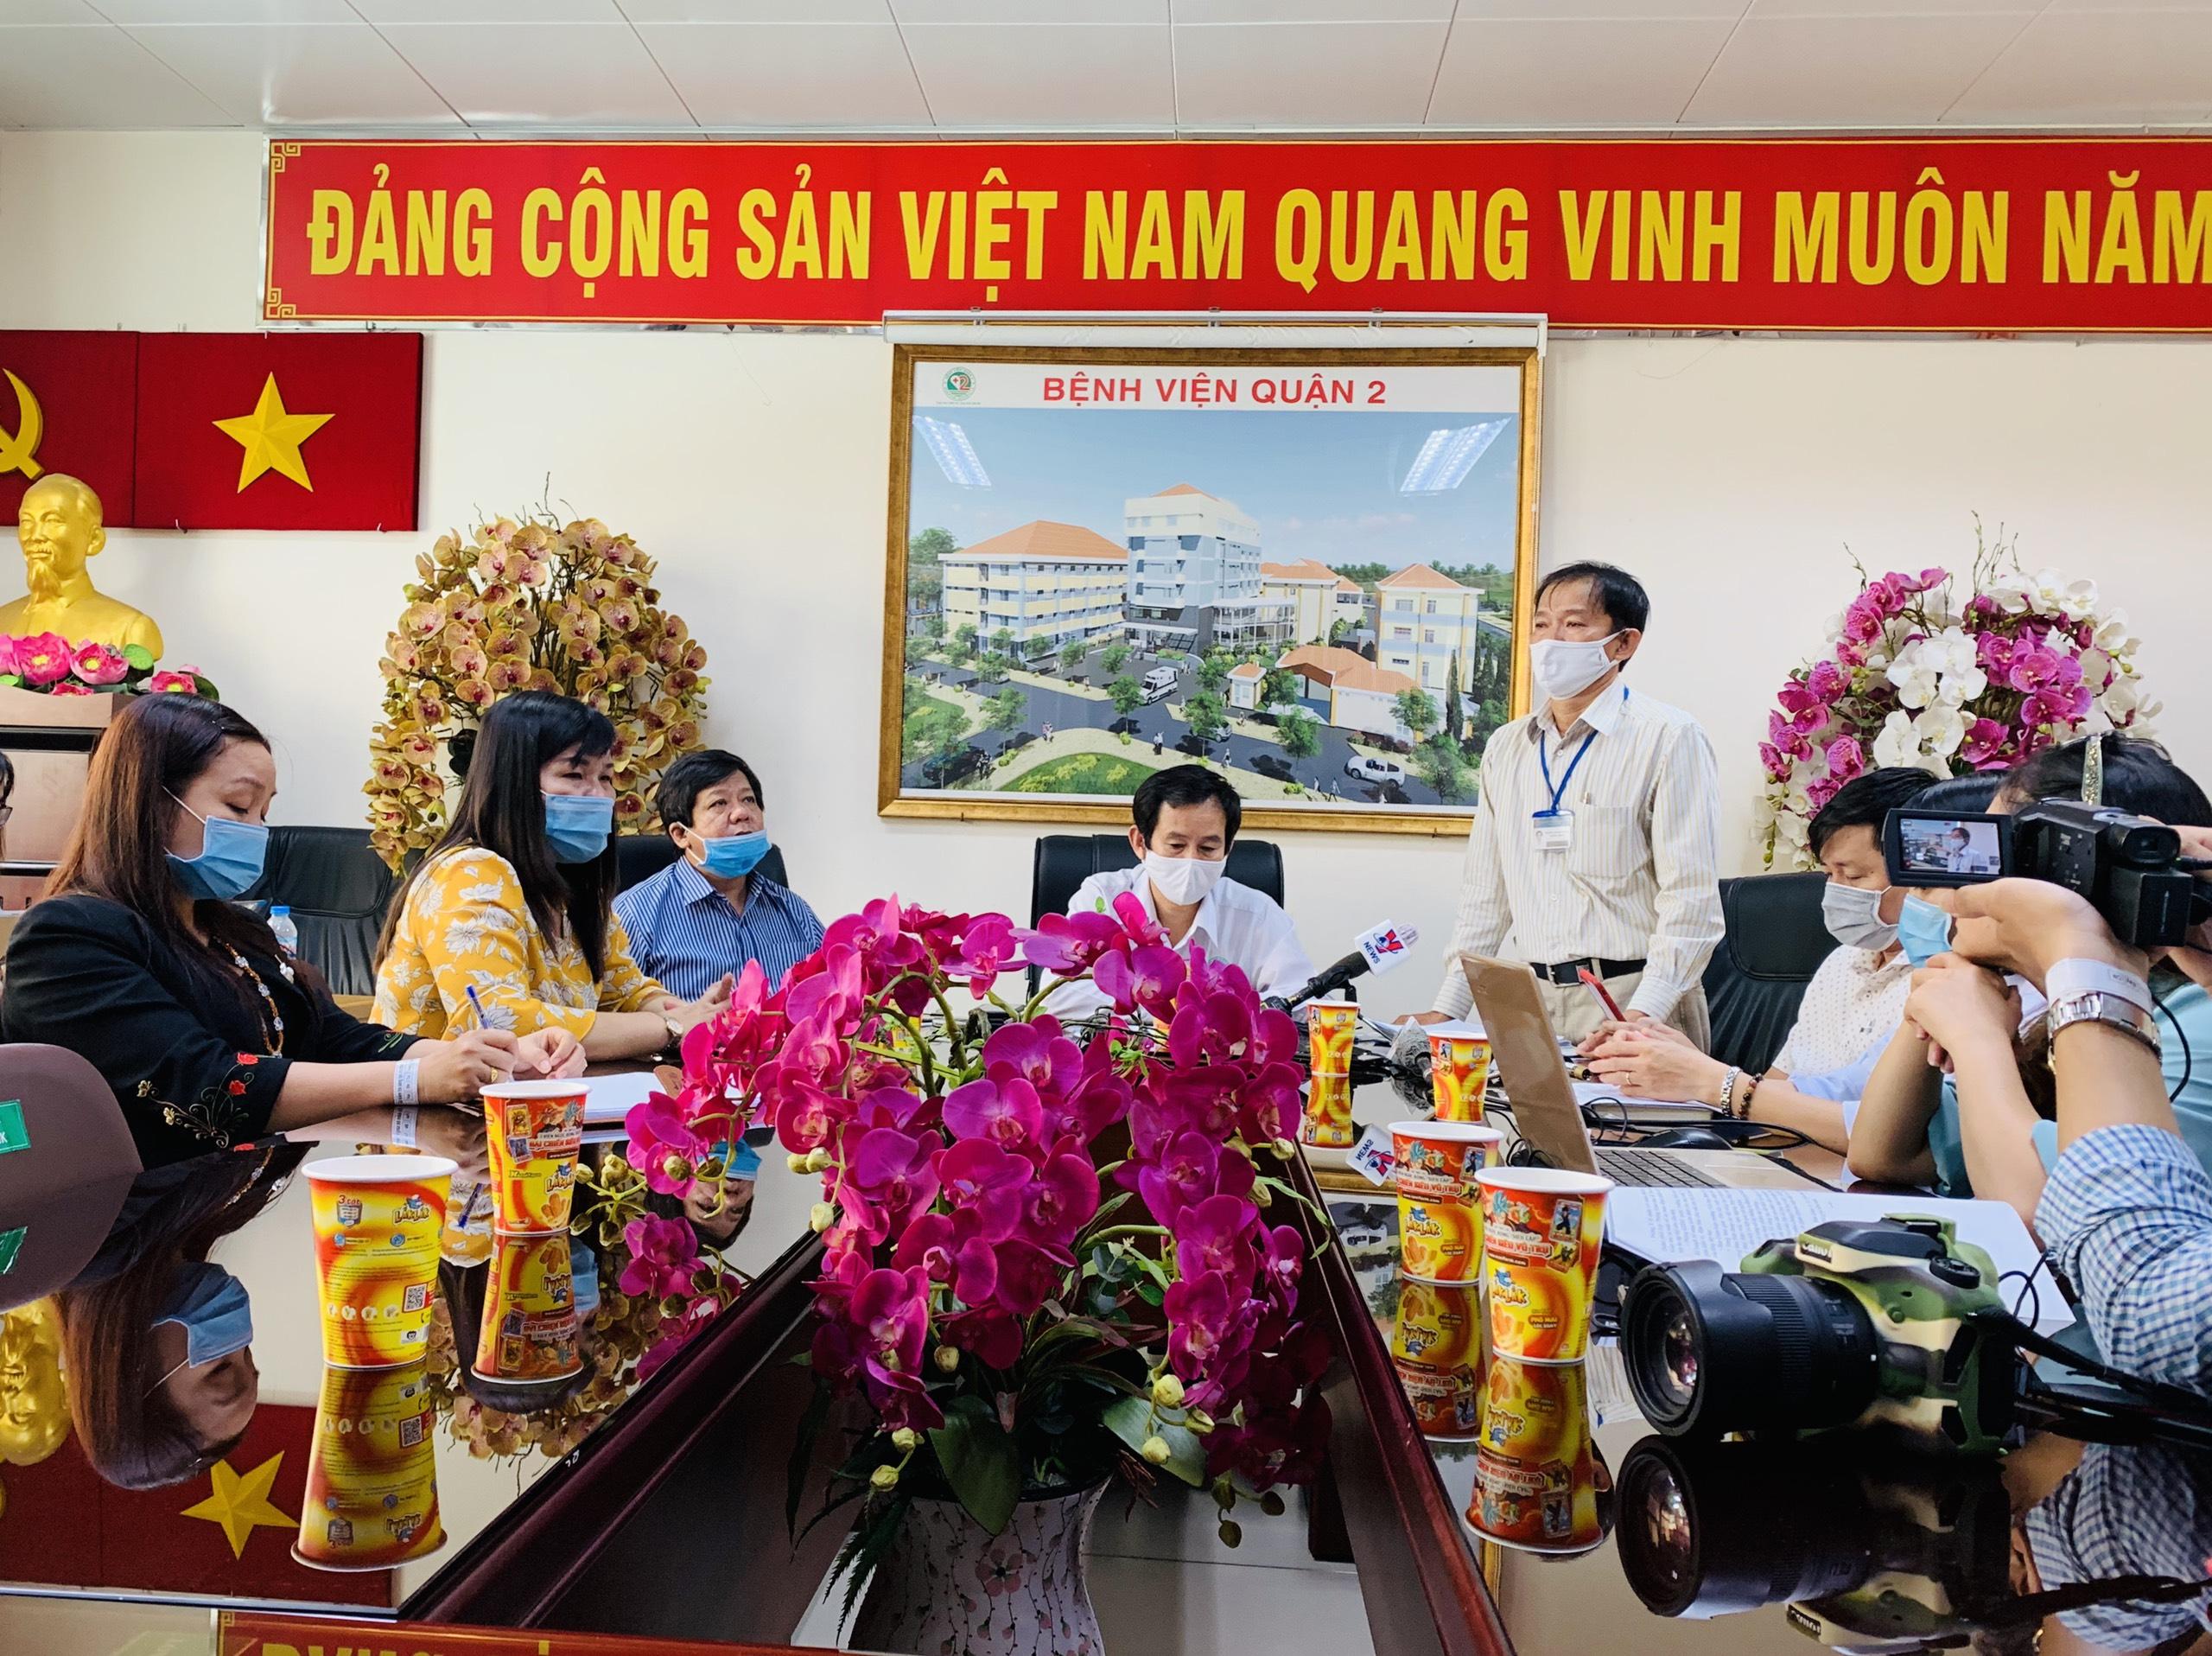 Làm rõ nguyên nhân vụ nghi ngộ độc tại trường tiểu học ở TP Hồ Chí Minh